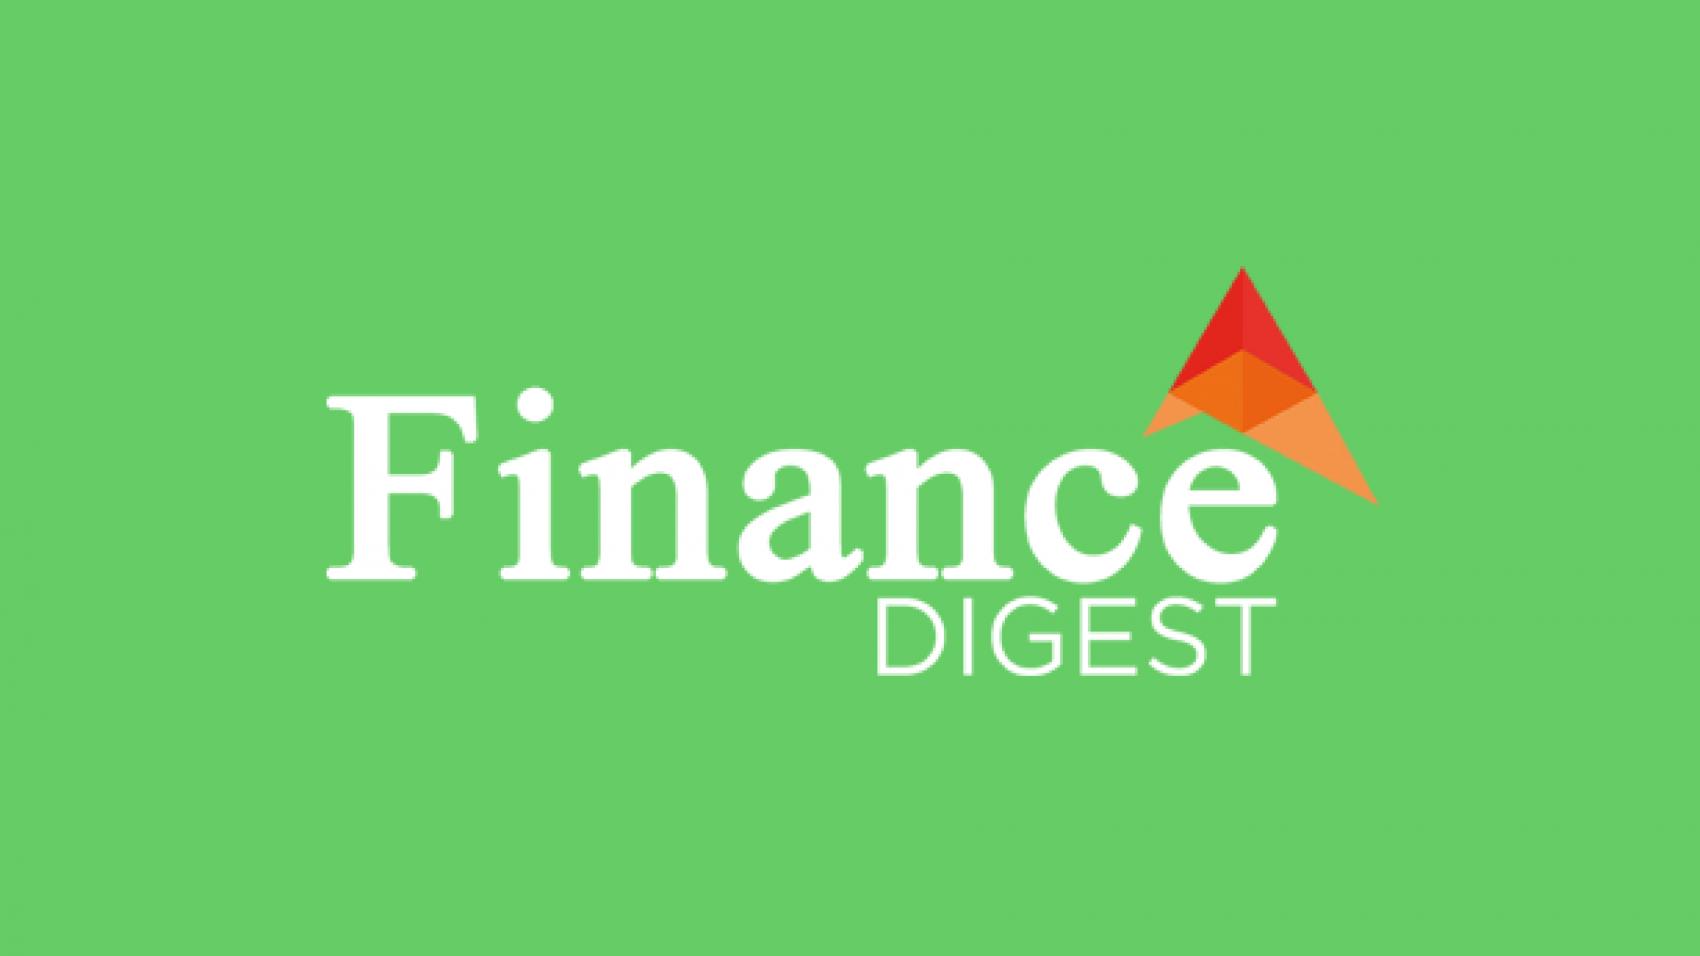 Finance Digest